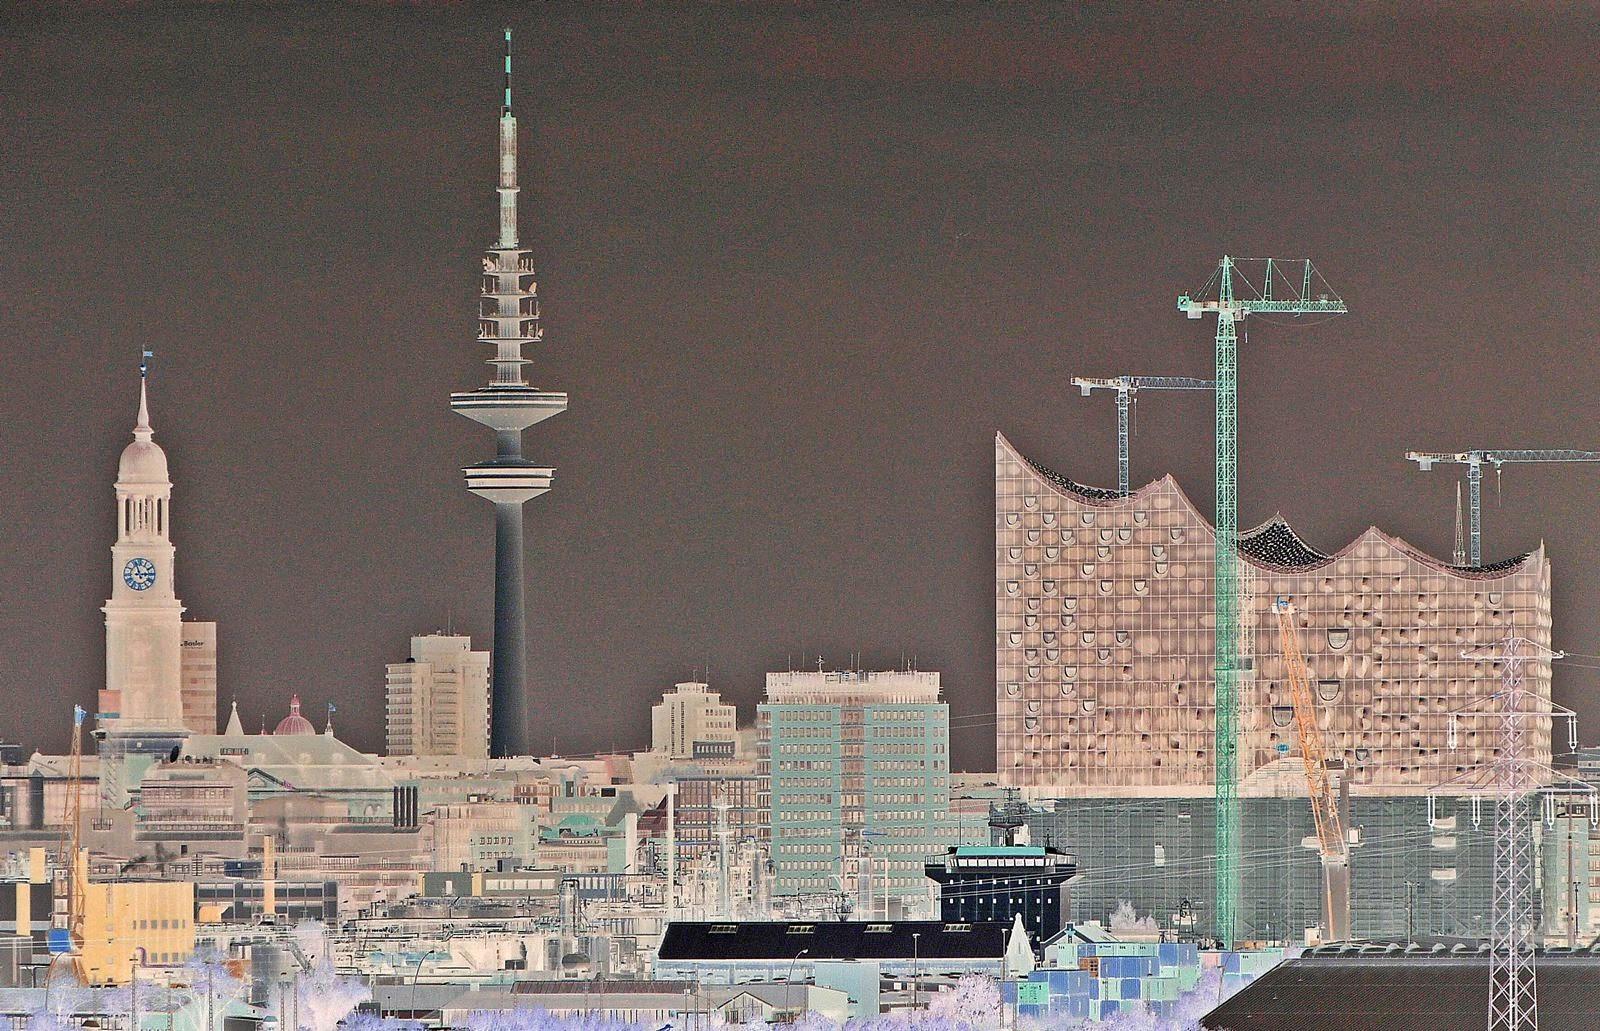 Hamburg Skyline mit Michel, Fernsehturm & Elbphilharmonie